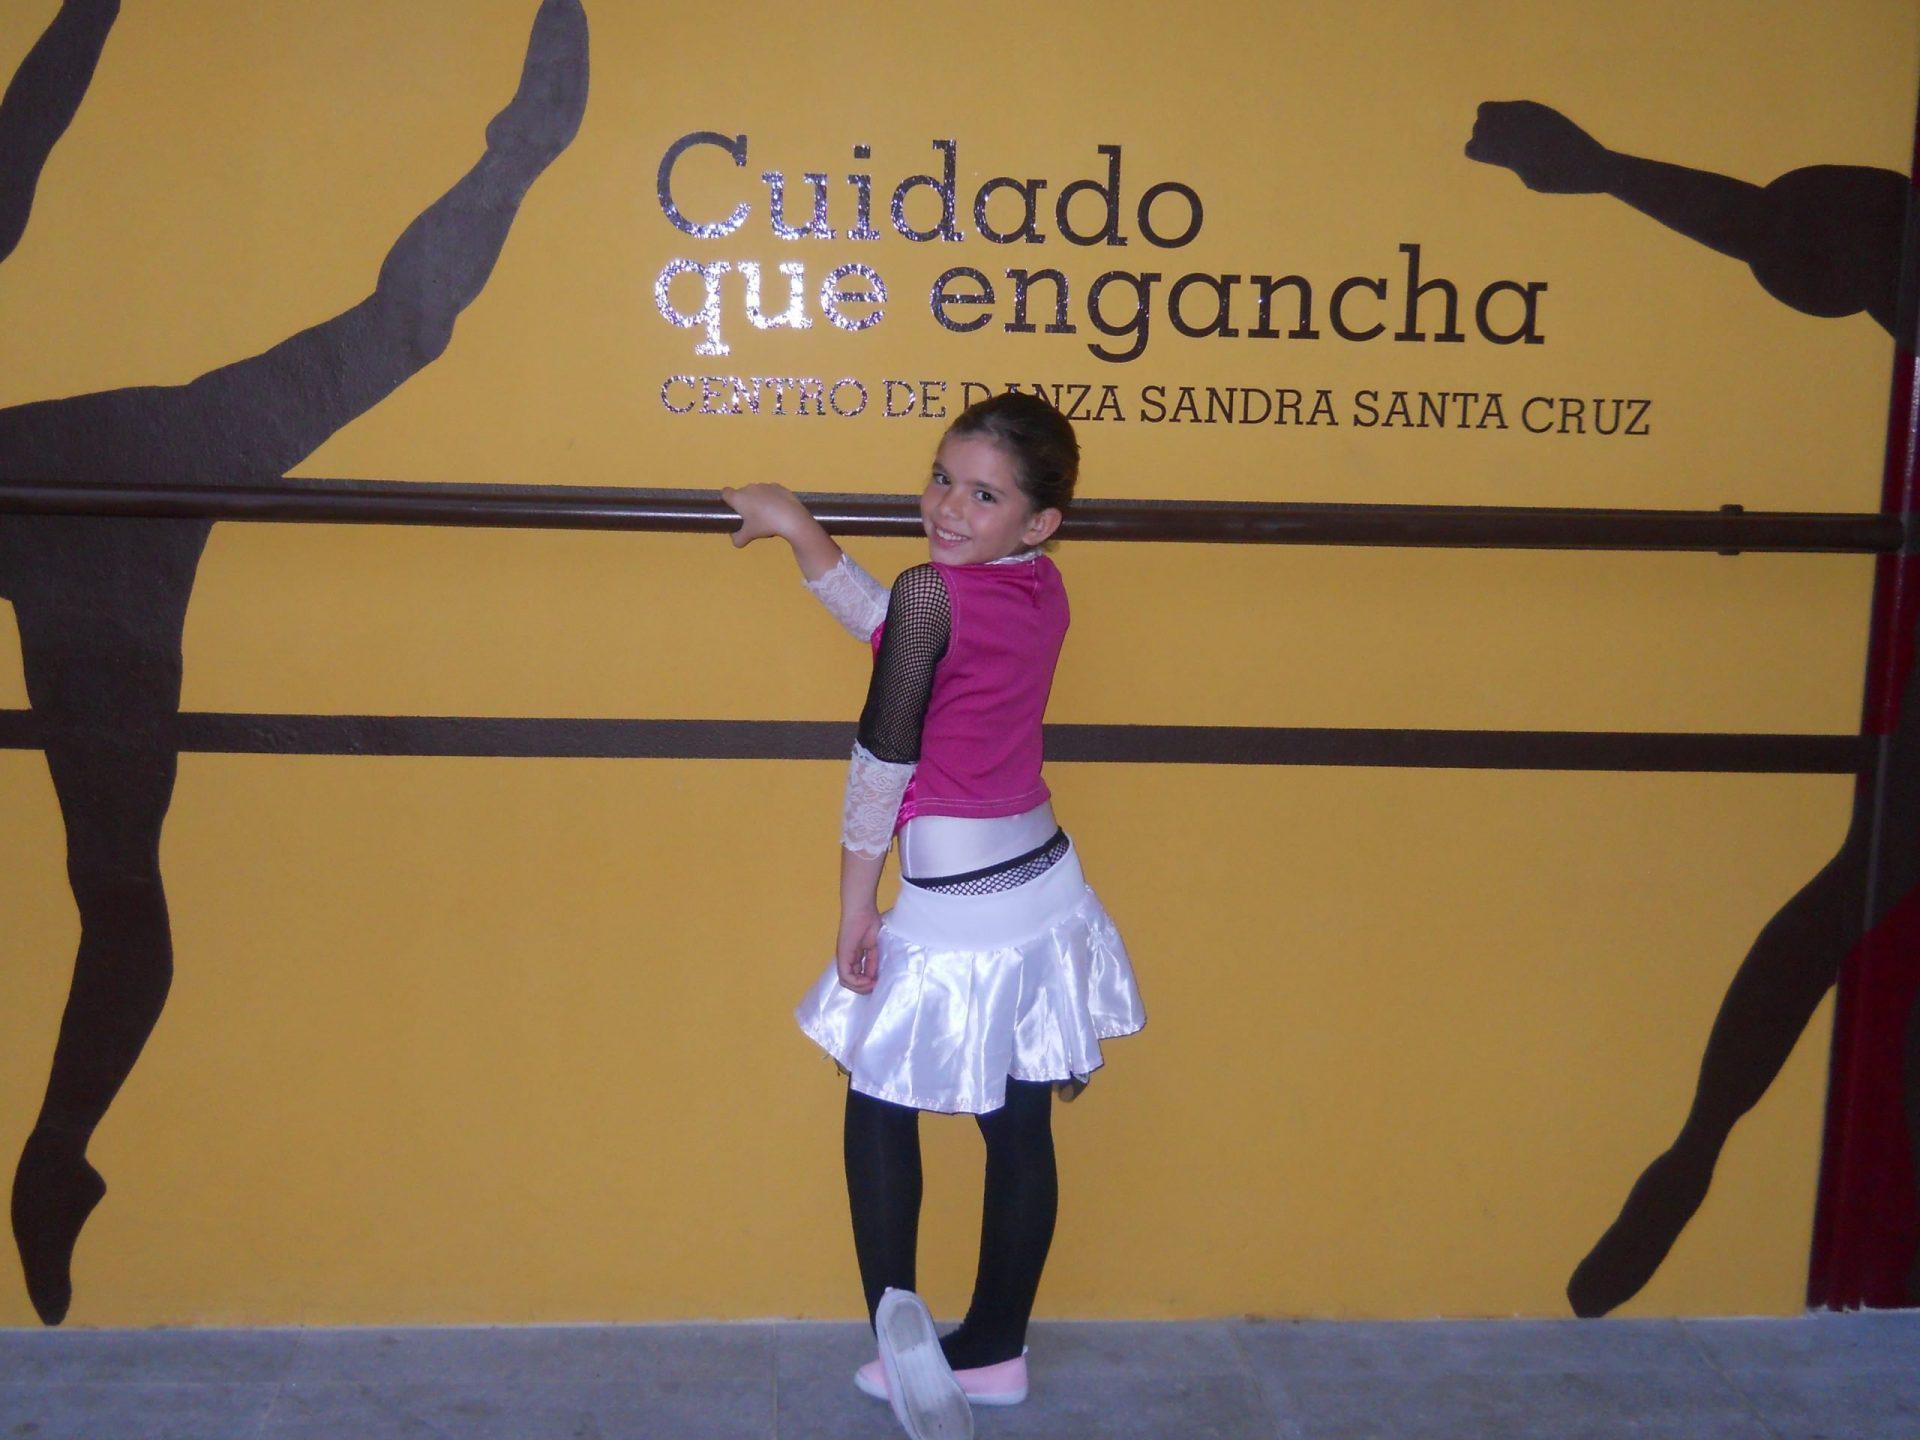 Foto divertida de una alumna de 7 años en la fachada del Centro de Danza Sandra Santa Cruz agarrada a la barra con una pose sexy.